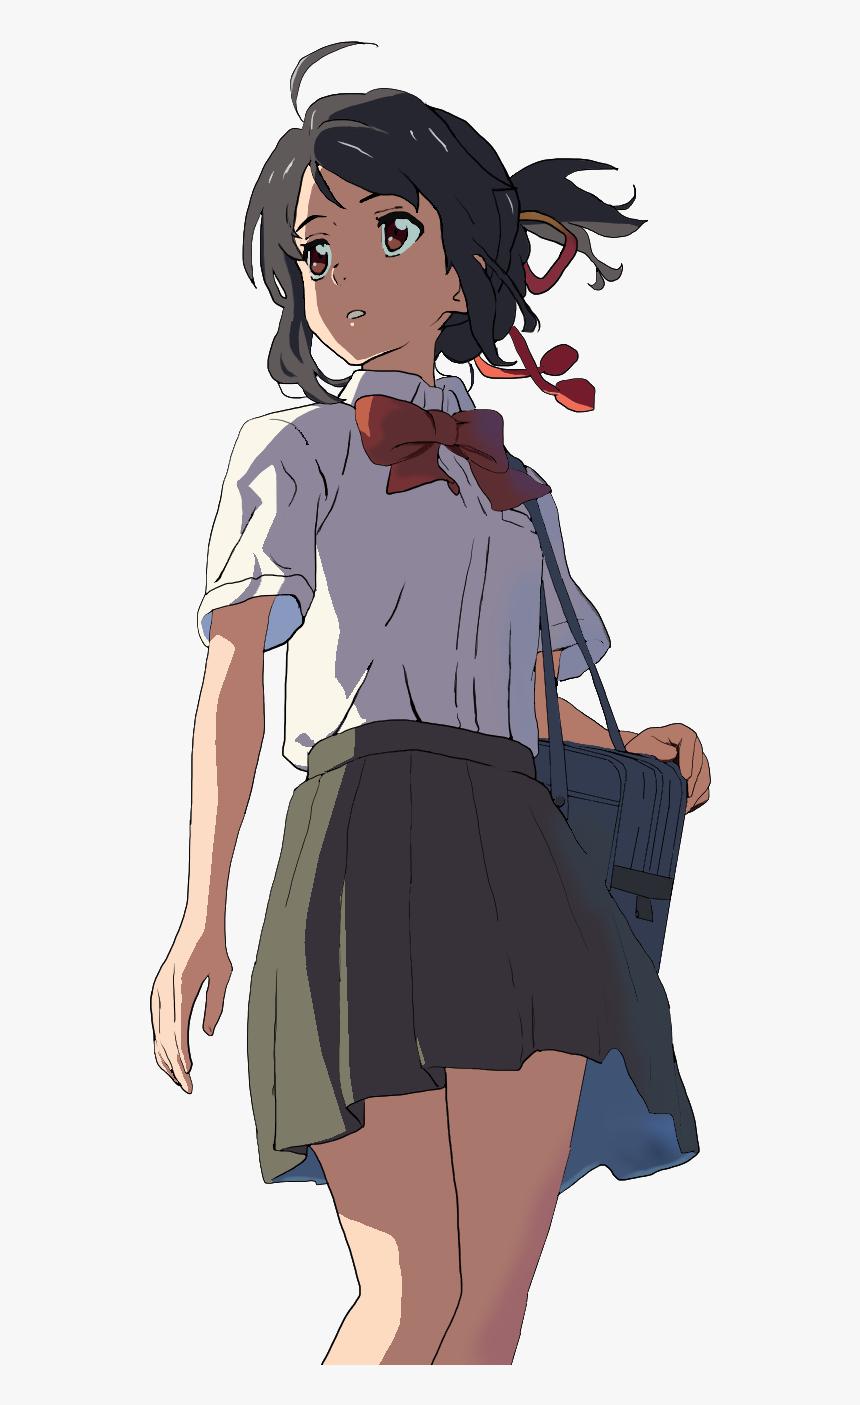 anime #manga #girl #cute #kiminonawa #yourname #cartoon - Your